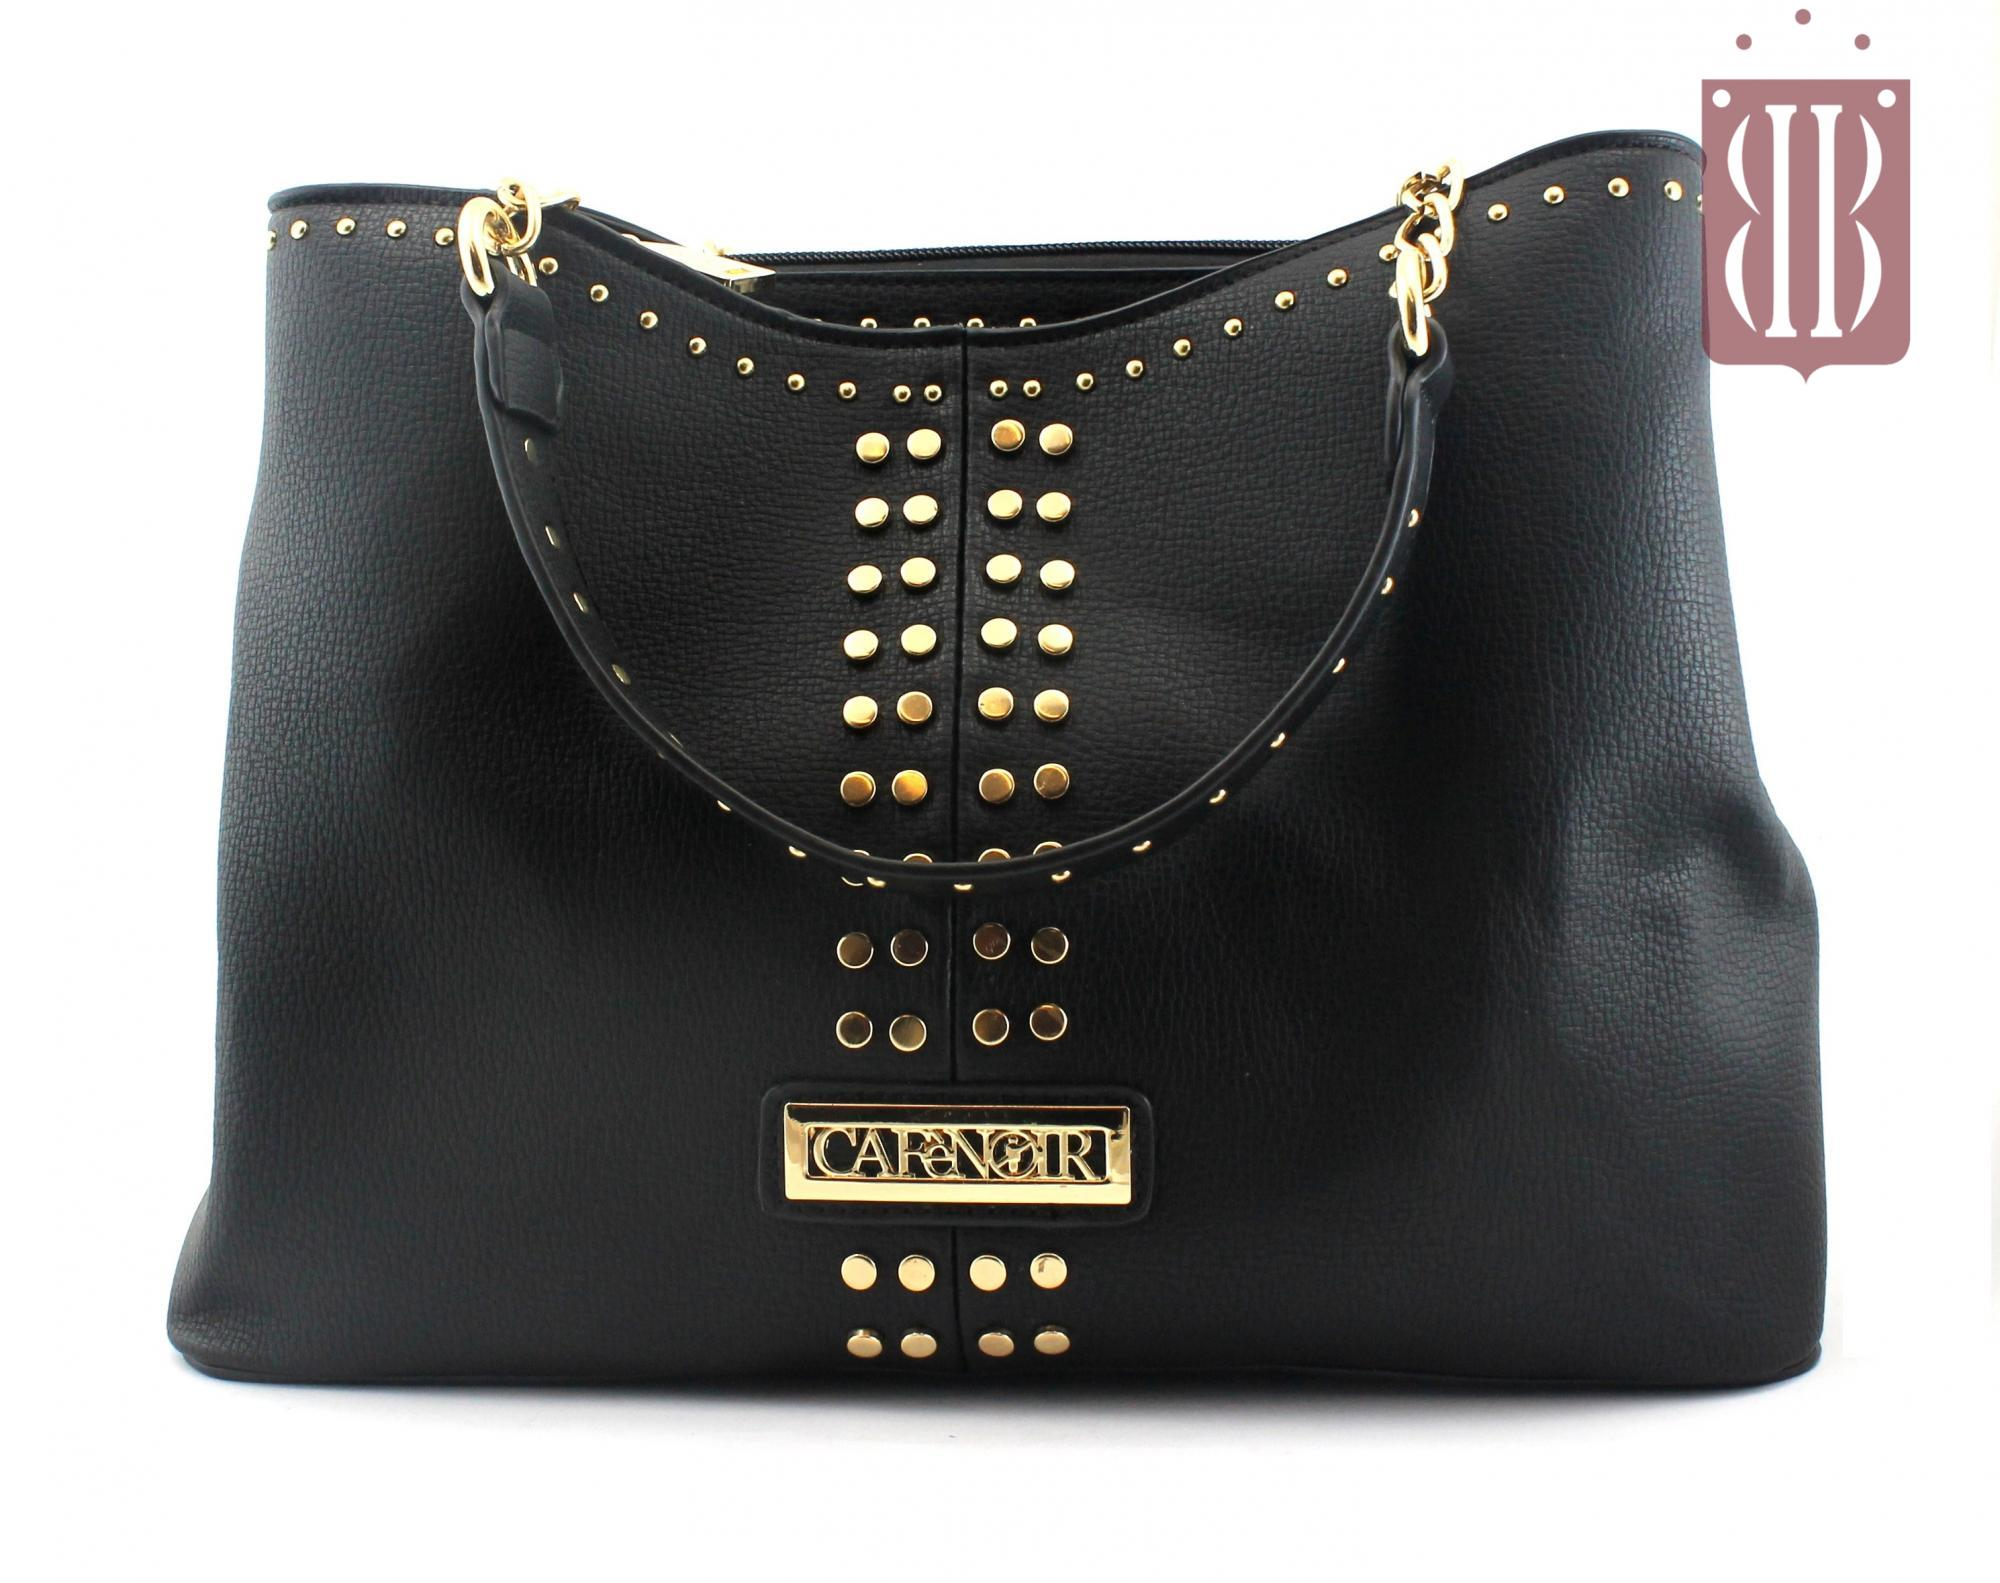 CAFè NOIR BZ162 nero borsa donna shopping manici catenelle micro borchie